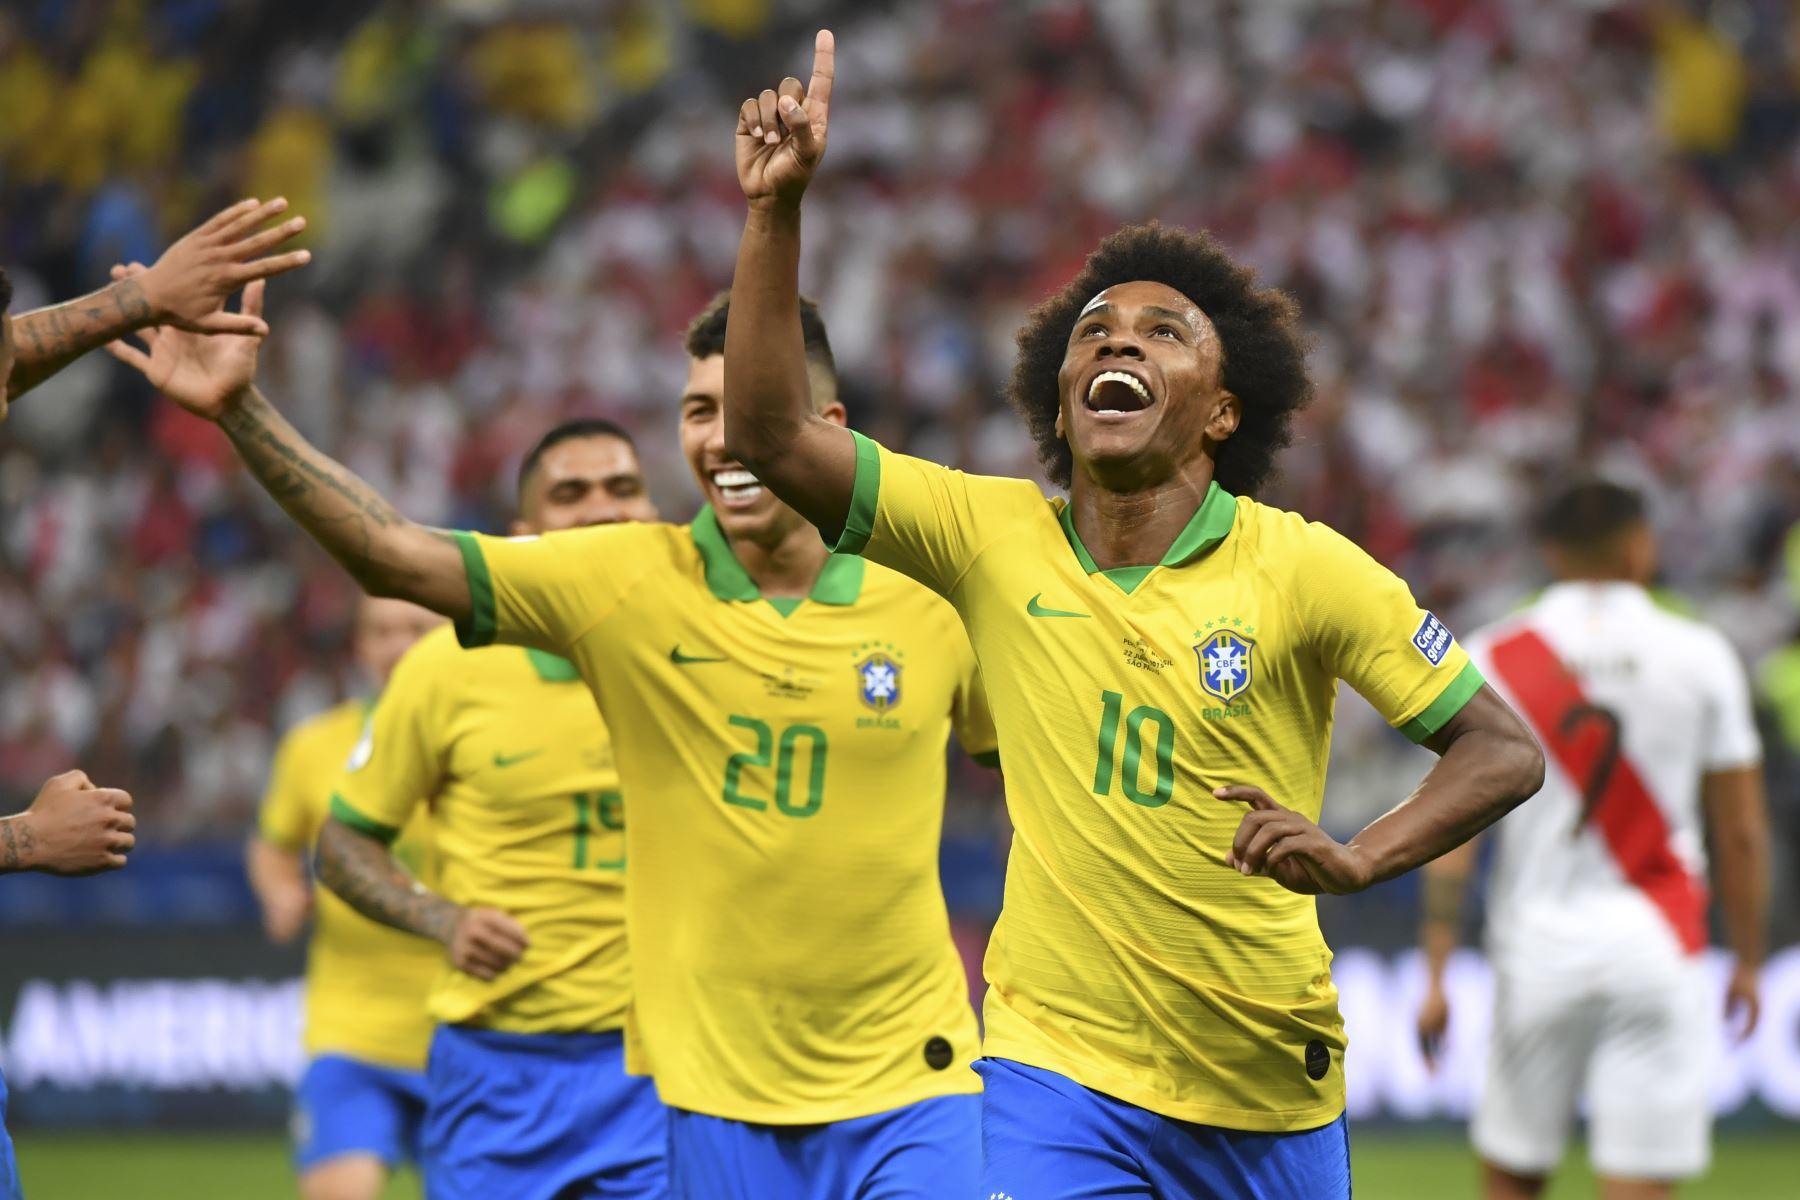 Willian (R) de Brasil celebra después de anotar contra Perú durante su partido de torneo de fútbol de la Copa América. Foto: AFP